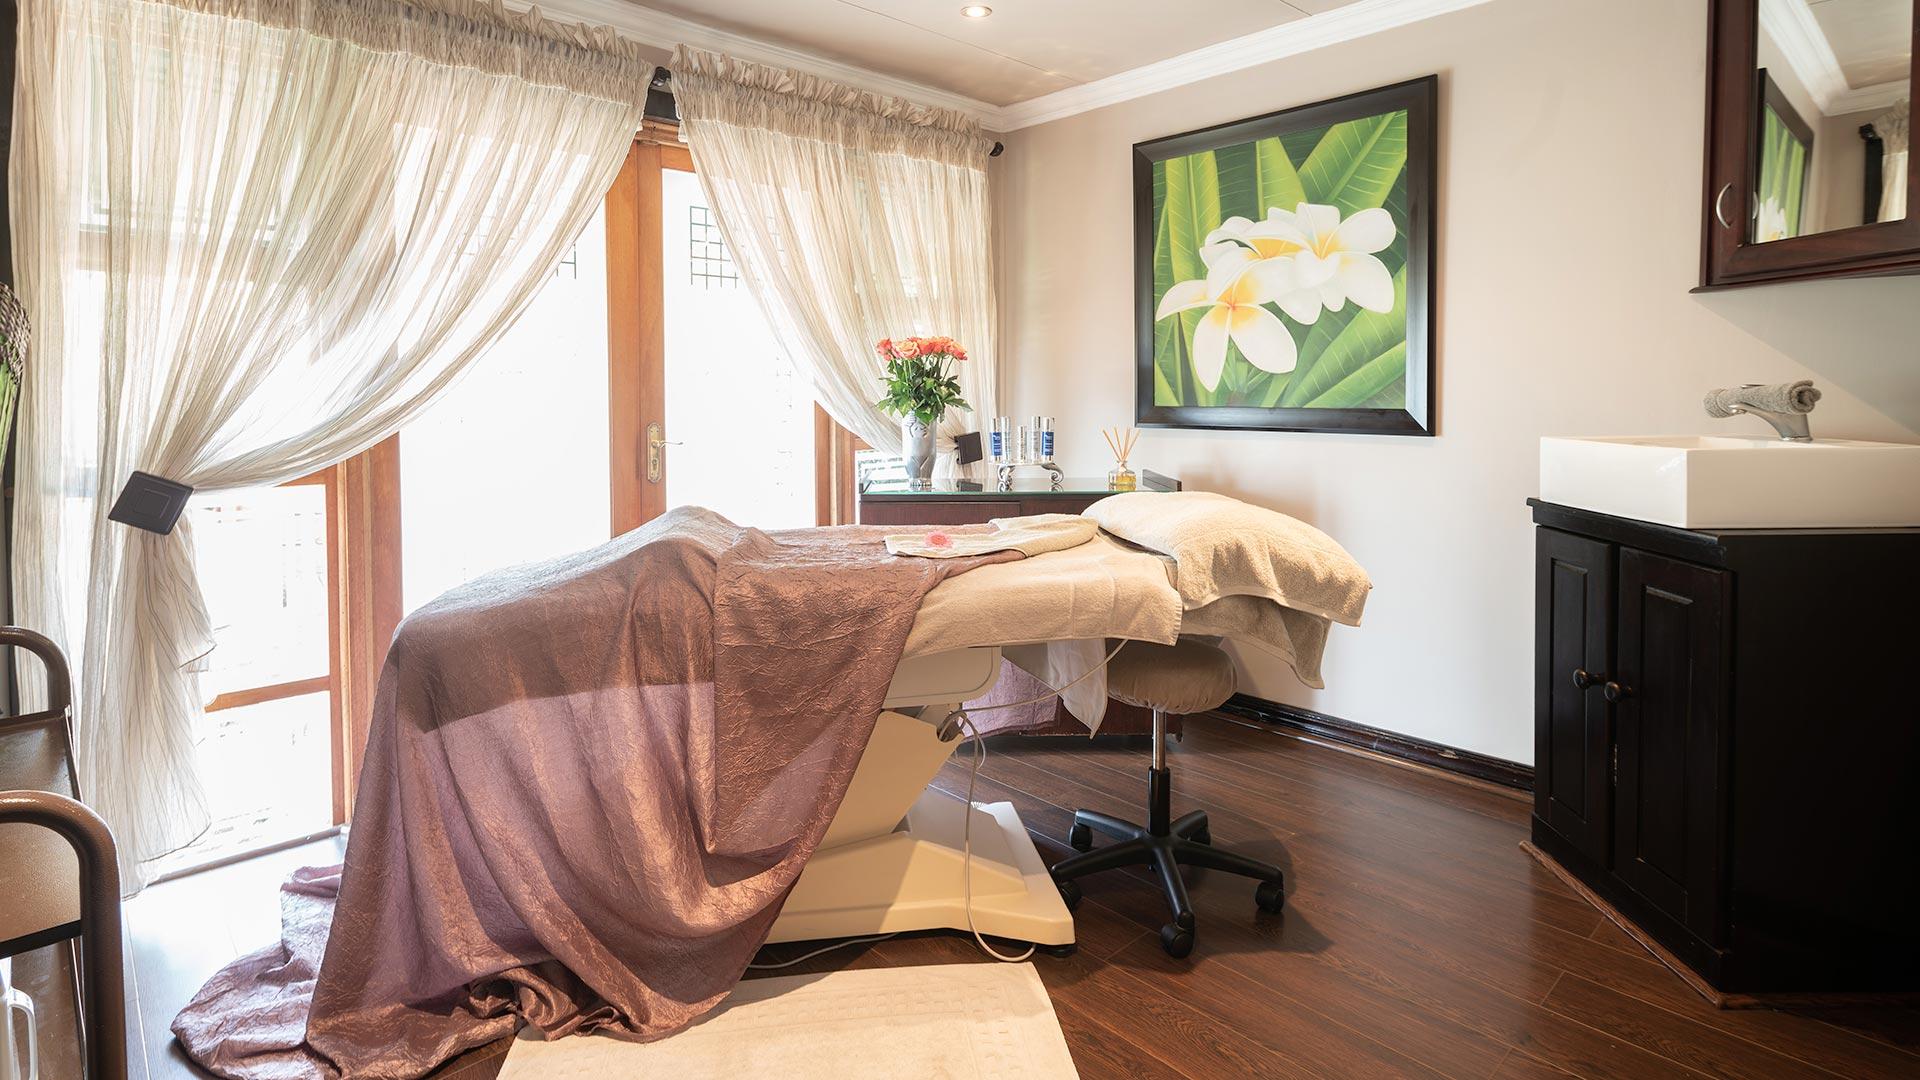 Benoni Health & Beauty Spa